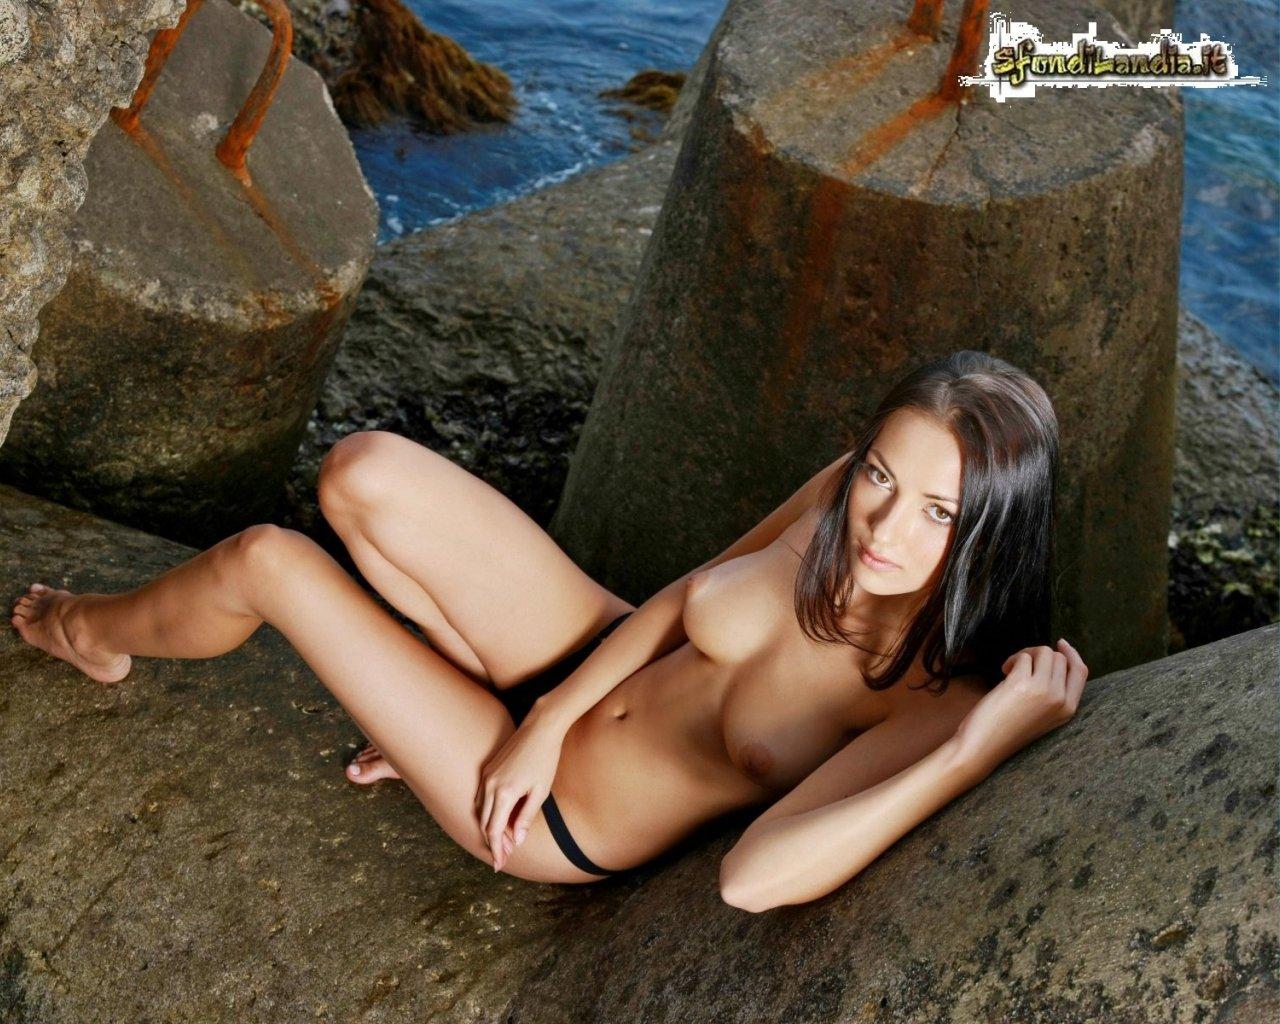 Anna On Beach